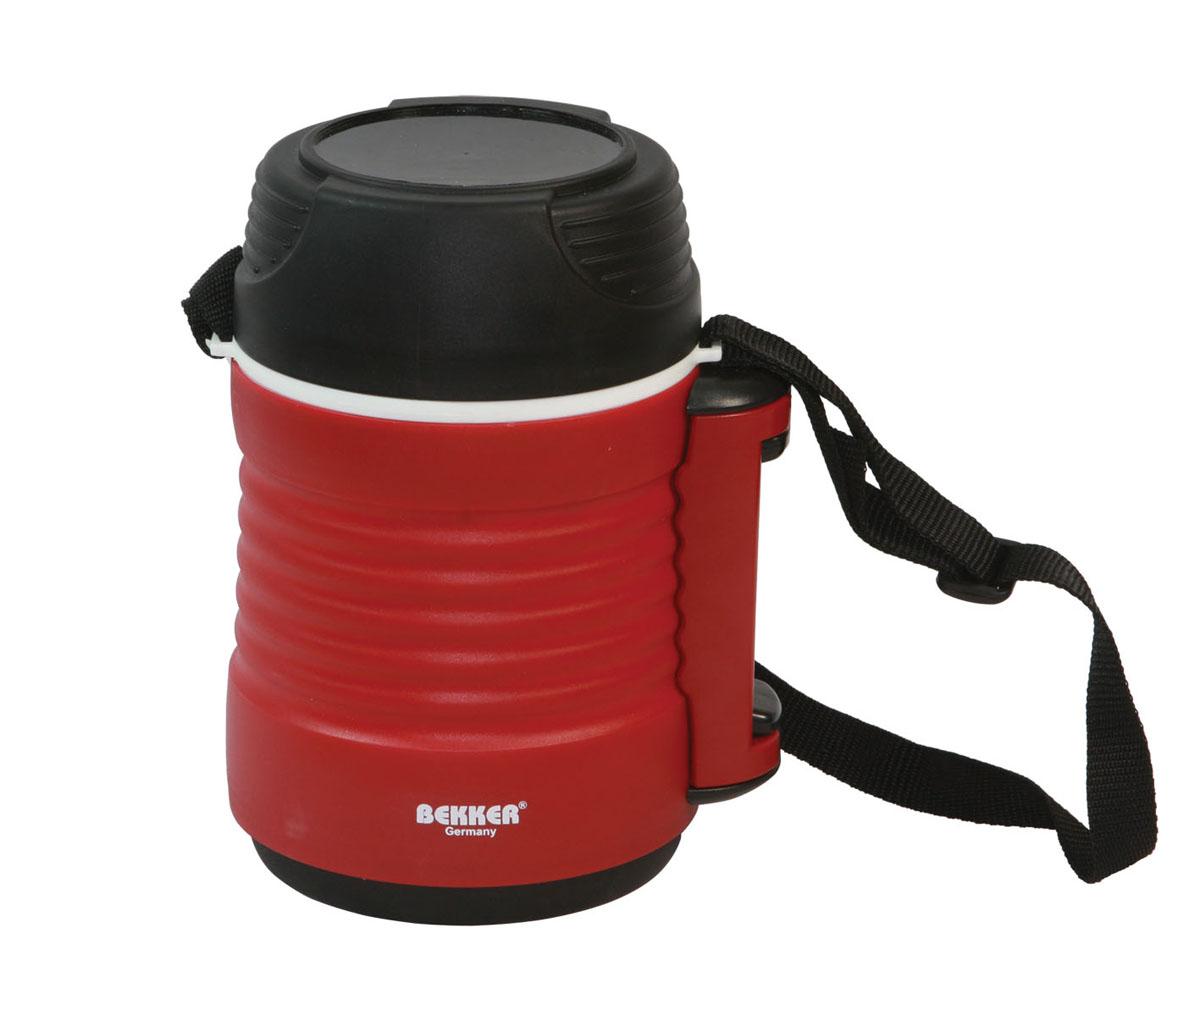 Термоконтейнер Bekker, цвет: красный, 1,2 лBK-4315Удобный термоконтейнер Bekker предназначен для транспортировки и хранения первых и вторых блюд. Благодаря наличию двух дополнительных контейнеров возможно совмещать сразу несколько блюд. Термоконтейнер выполнен из пластика и нержавеющей стали, дополнительные контейнеры изготовлены из пластика. На основном контейнере расположен ремень для более удобной переноски. Характеристики: Материал: нержавеющая сталь, пластик. Размер термокружки: 16 см х 12 см х 22 см. Размер среднего контейнера: 10 см х 10 см х 10 см. Размер маленького контейнера: 10 см х 10 см х 5 см. Объем термокружки: 1,2 л. Объем среднего контейнера: 600 мл. Объем маленького контейнера: 260 мл. Размер упаковки: 15 см х 14 см х 22 см. Артикул: 20432.